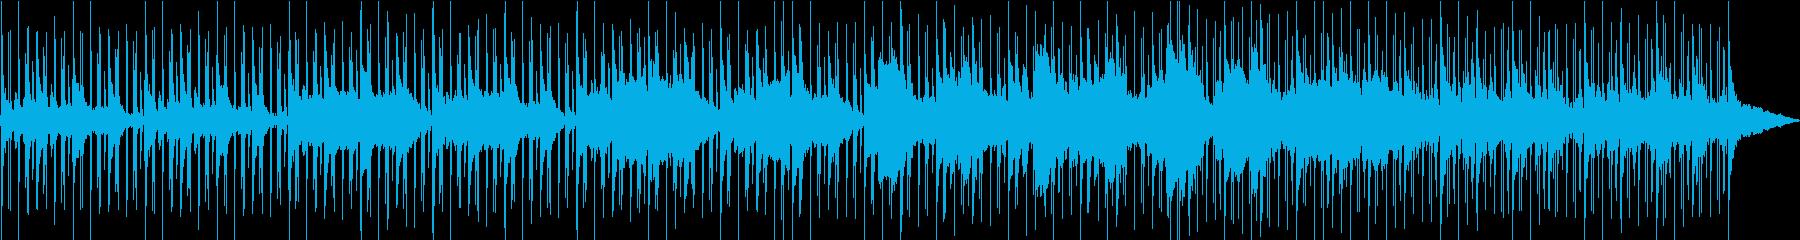 ワールド 民族 現代の交響曲 前衛...の再生済みの波形